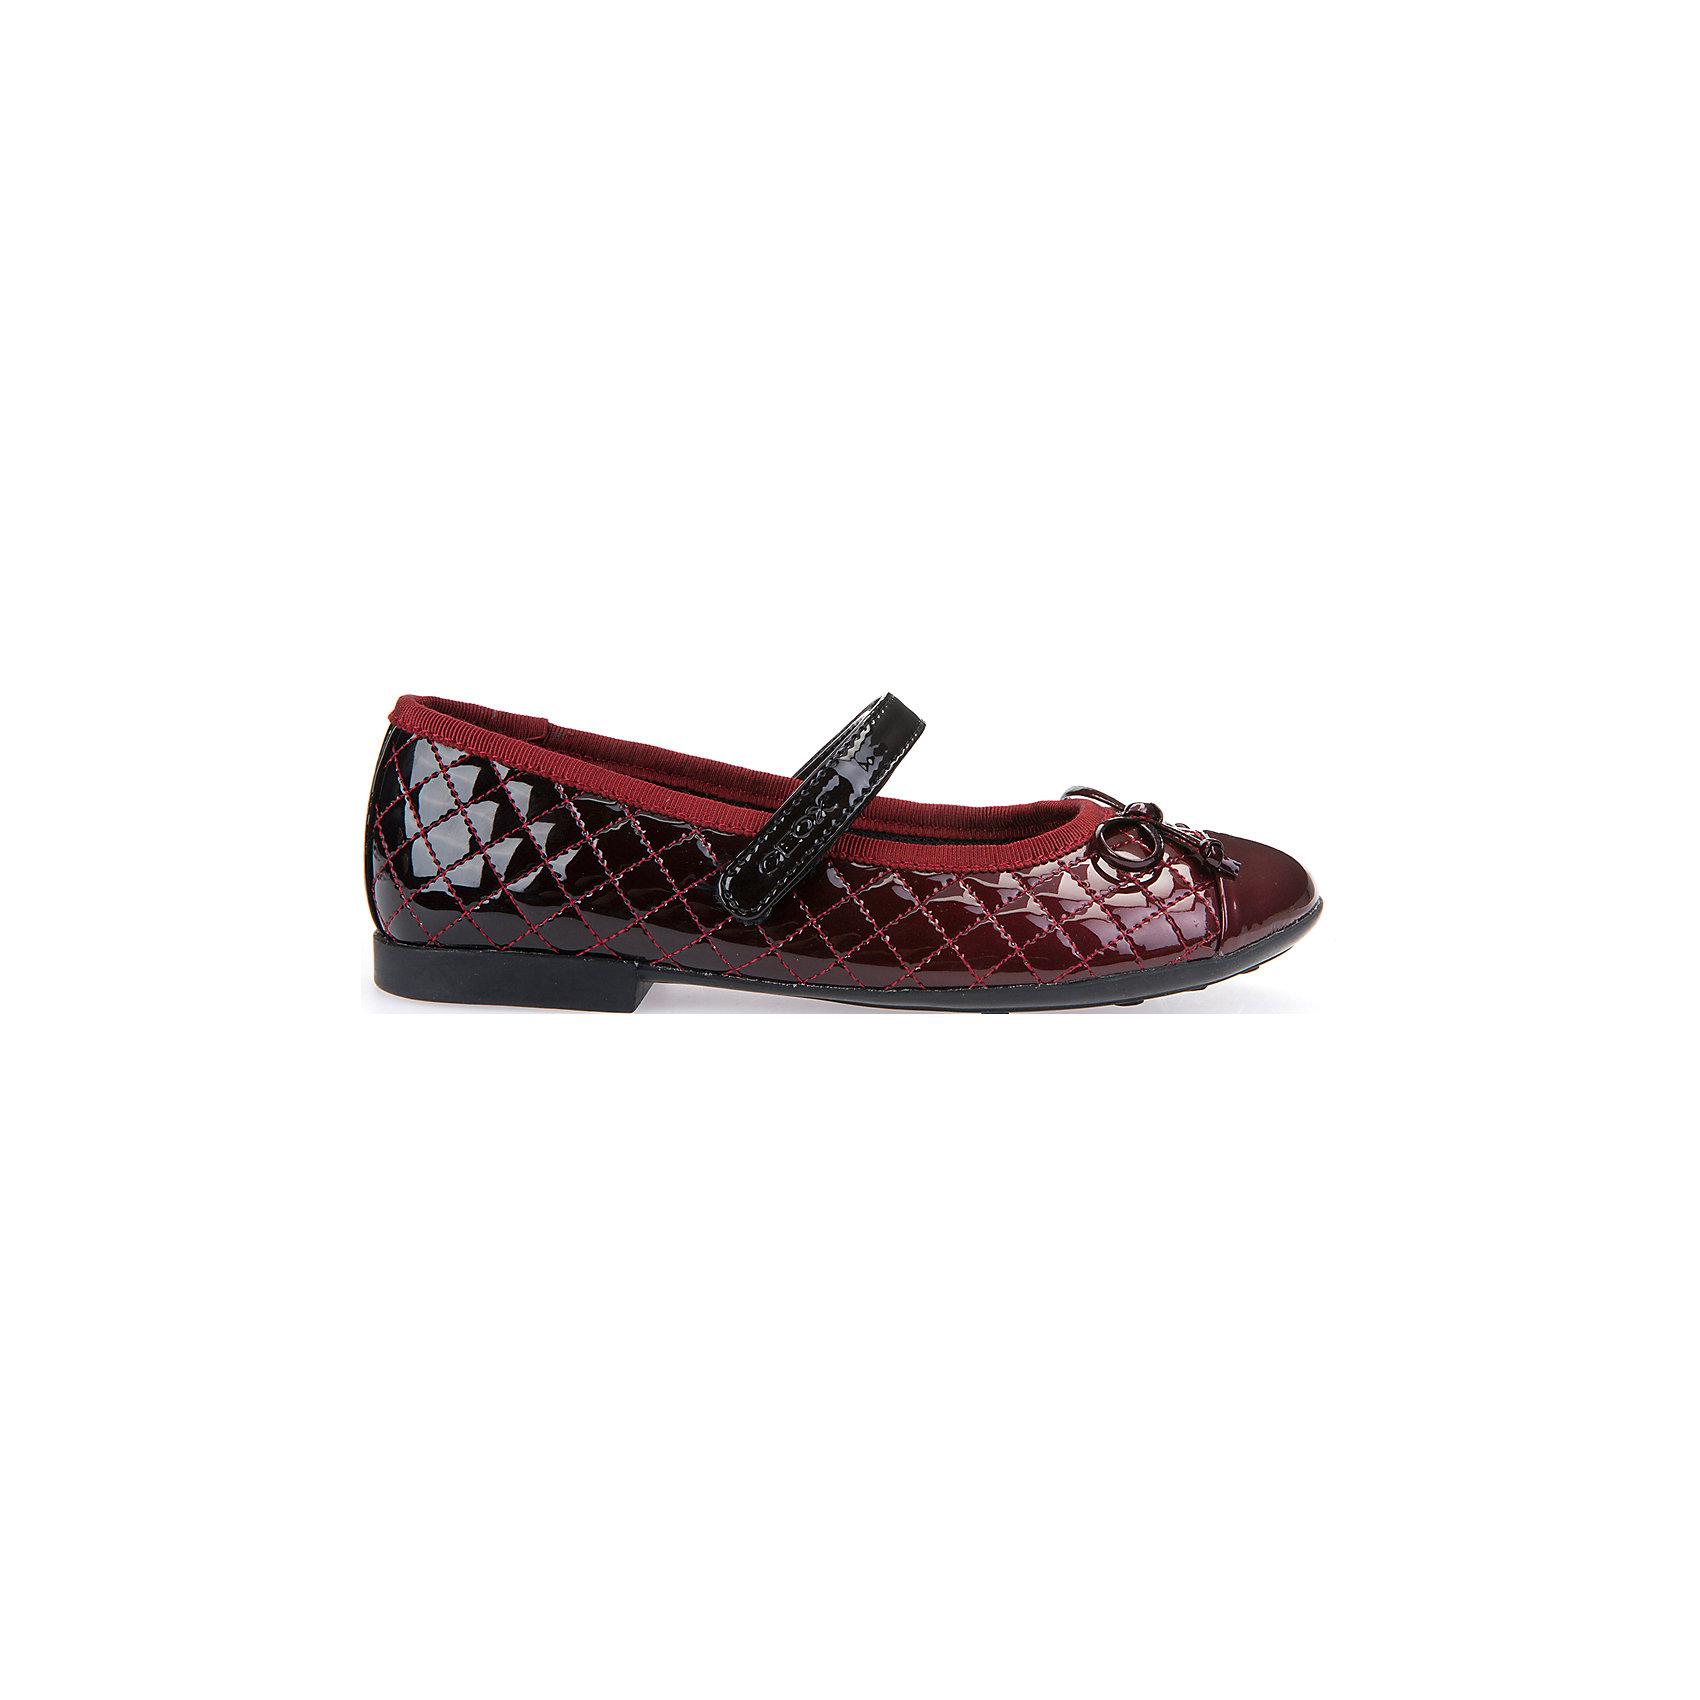 Туфли для девочки GEOXОбувь<br>Туфли для девочки GEOX (ГЕОКС)<br>Туфли для девочки от GEOX (ГЕОКС) представляют собой балетки с небольшим каблучком и круглым носиком. На носке имеется декоративный бант. Модель выполнена из материалов высокого качества: верхняя часть из искусственной лаковой кожи, внутренняя часть из текстиля, стелька из натуральной кожи, подошва из резины. Обувь имеет анатомически правильную форму, низкий каблук и гнущуюся подошву, которые способствуют правильному формированию стопы и служат профилактикой плоскостопия. Застежка выполнена на липучке.<br><br>Дополнительная информация:<br><br>- Цвет: красный<br>- Материал верха: искусственная лаковая кожа<br>- Внутренний материал: текстиль<br>- Материал стельки: натуральная кожа<br>- Материал подошвы: резина<br>- Тип застежки: липучка<br>- Детали обуви: бант, лакированные, стеганые<br>- Материалы и продукция прошли специальную проверку T?V S?D, на отсутствие веществ, опасных для здоровья покупателей<br><br>Туфли для девочки GEOX (ГЕОКС) можно купить в нашем интернет-магазине.<br><br>Ширина мм: 227<br>Глубина мм: 145<br>Высота мм: 124<br>Вес г: 325<br>Цвет: красный<br>Возраст от месяцев: 60<br>Возраст до месяцев: 72<br>Пол: Женский<br>Возраст: Детский<br>Размер: 29,31,36,28,30,34,35,27,33,38,37,32<br>SKU: 4812230